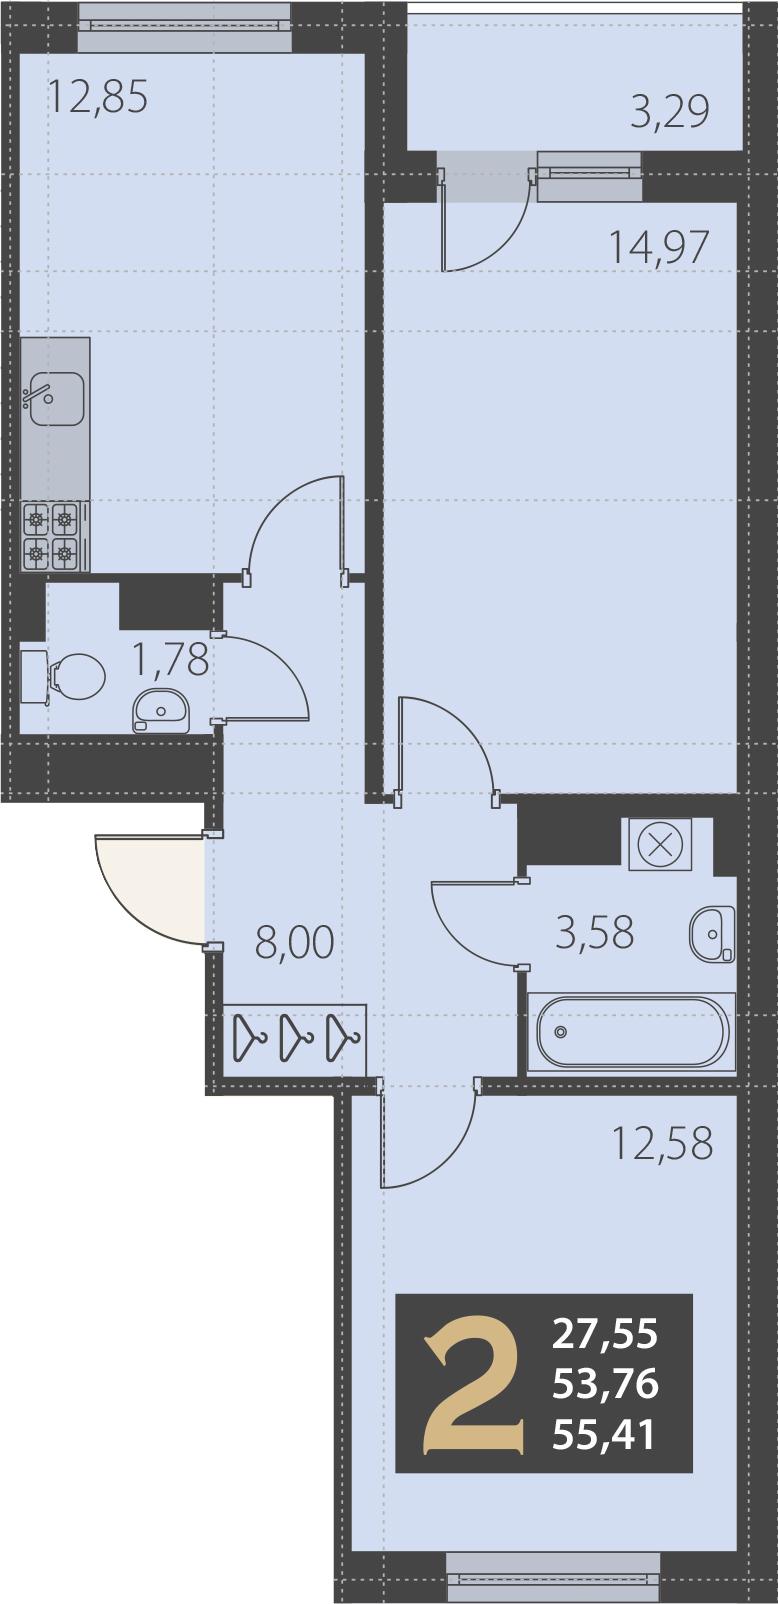 2-комнатная 57 м<sup>2</sup> на 5 этаже